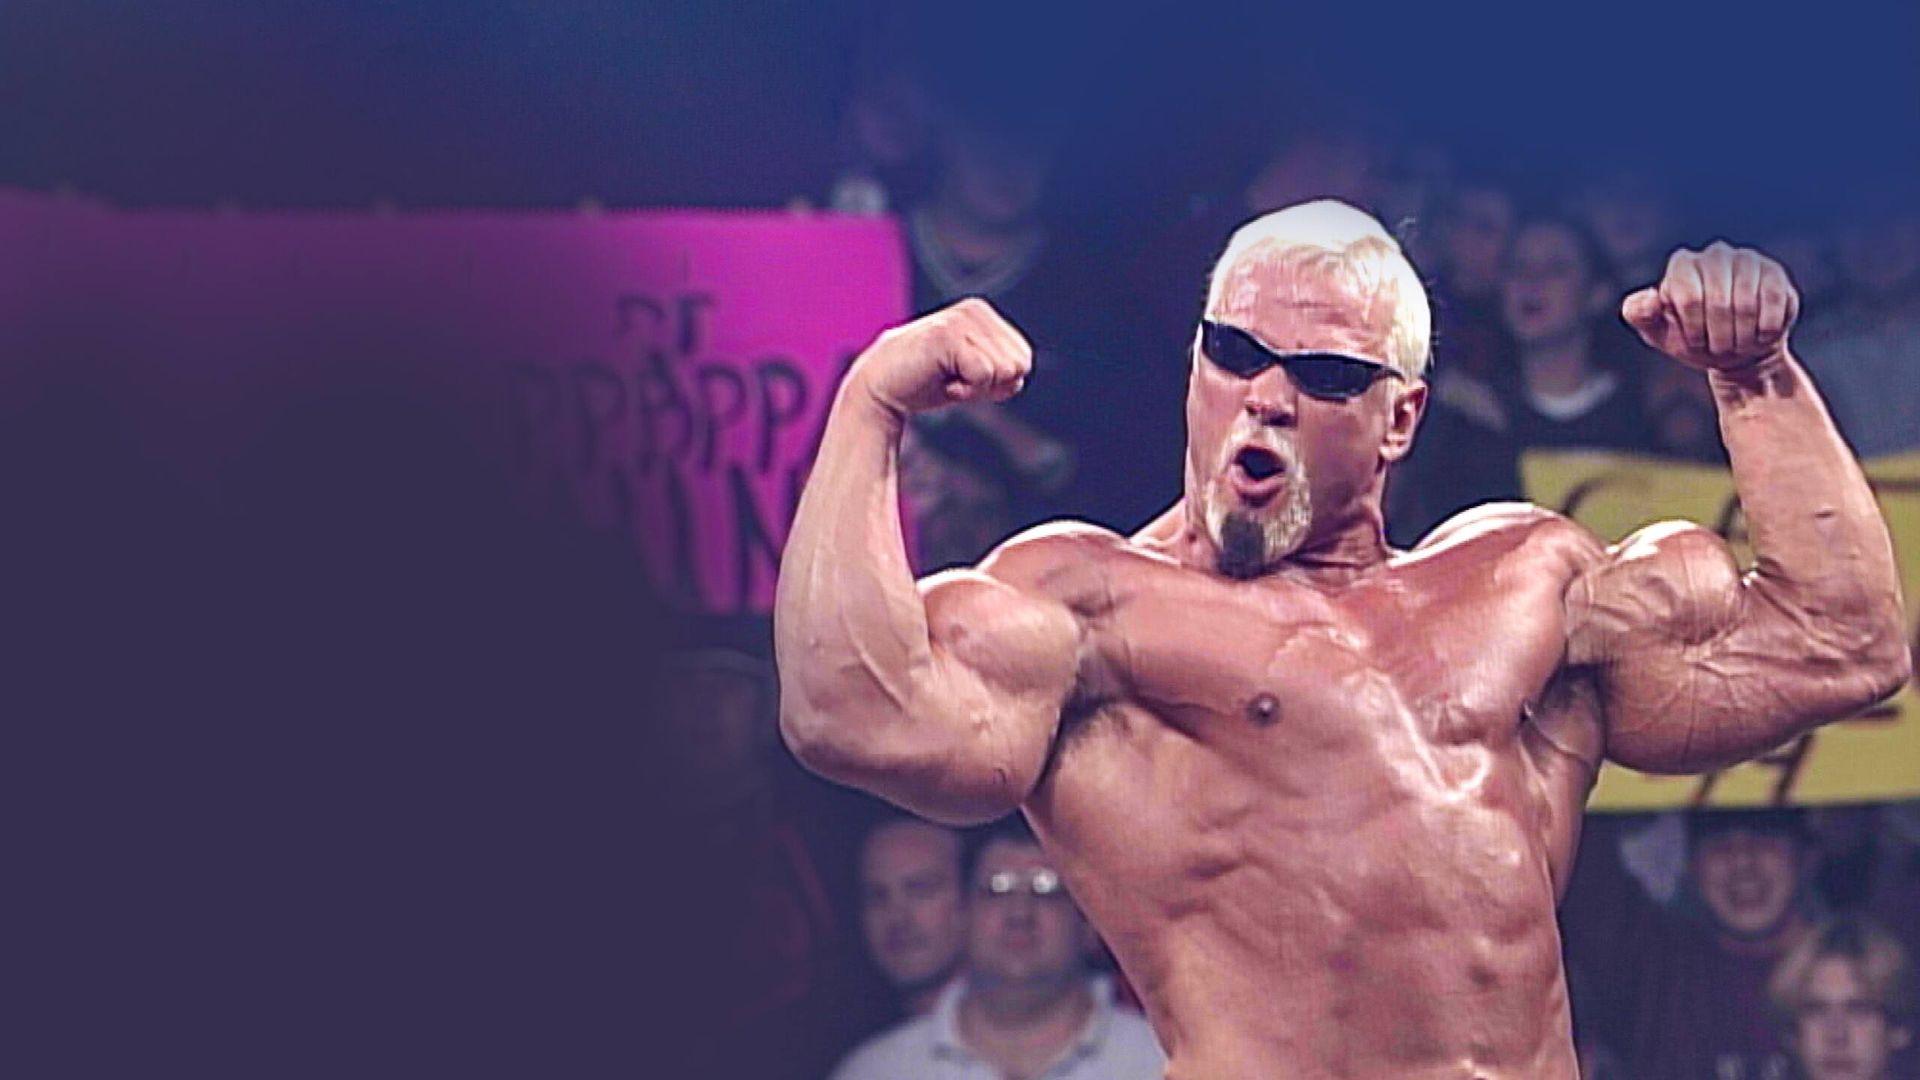 ostaa halvalla verkkosivusto alennus innovatiivinen muotoilu WCW Monday Nitro - Where to Watch Every Episode Streaming ...